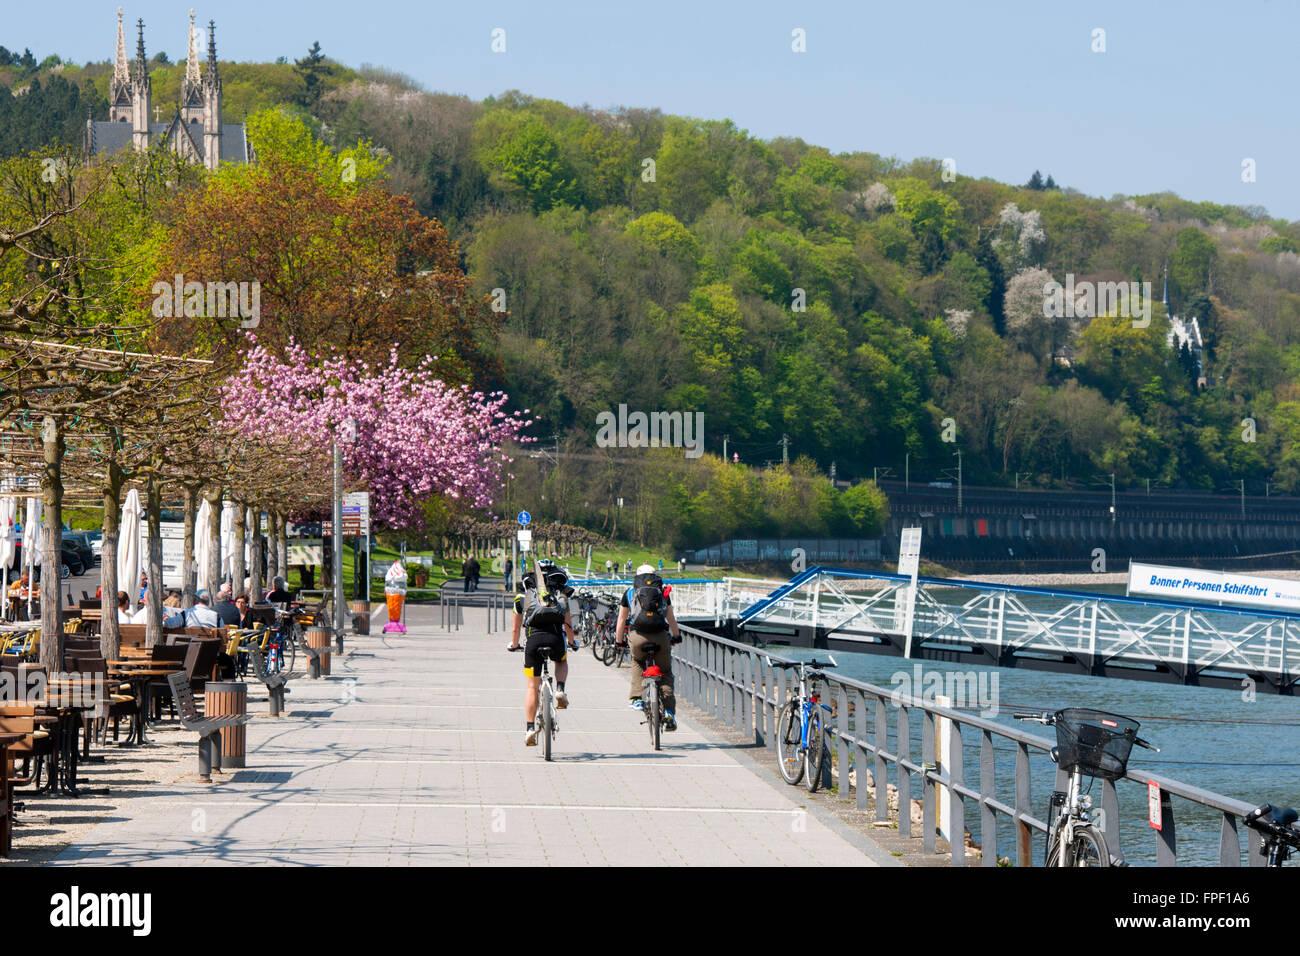 Deutschland Rheinland Pfalz Remagen Rheinpromenade Im Hintergrund Stock Photo Alamy